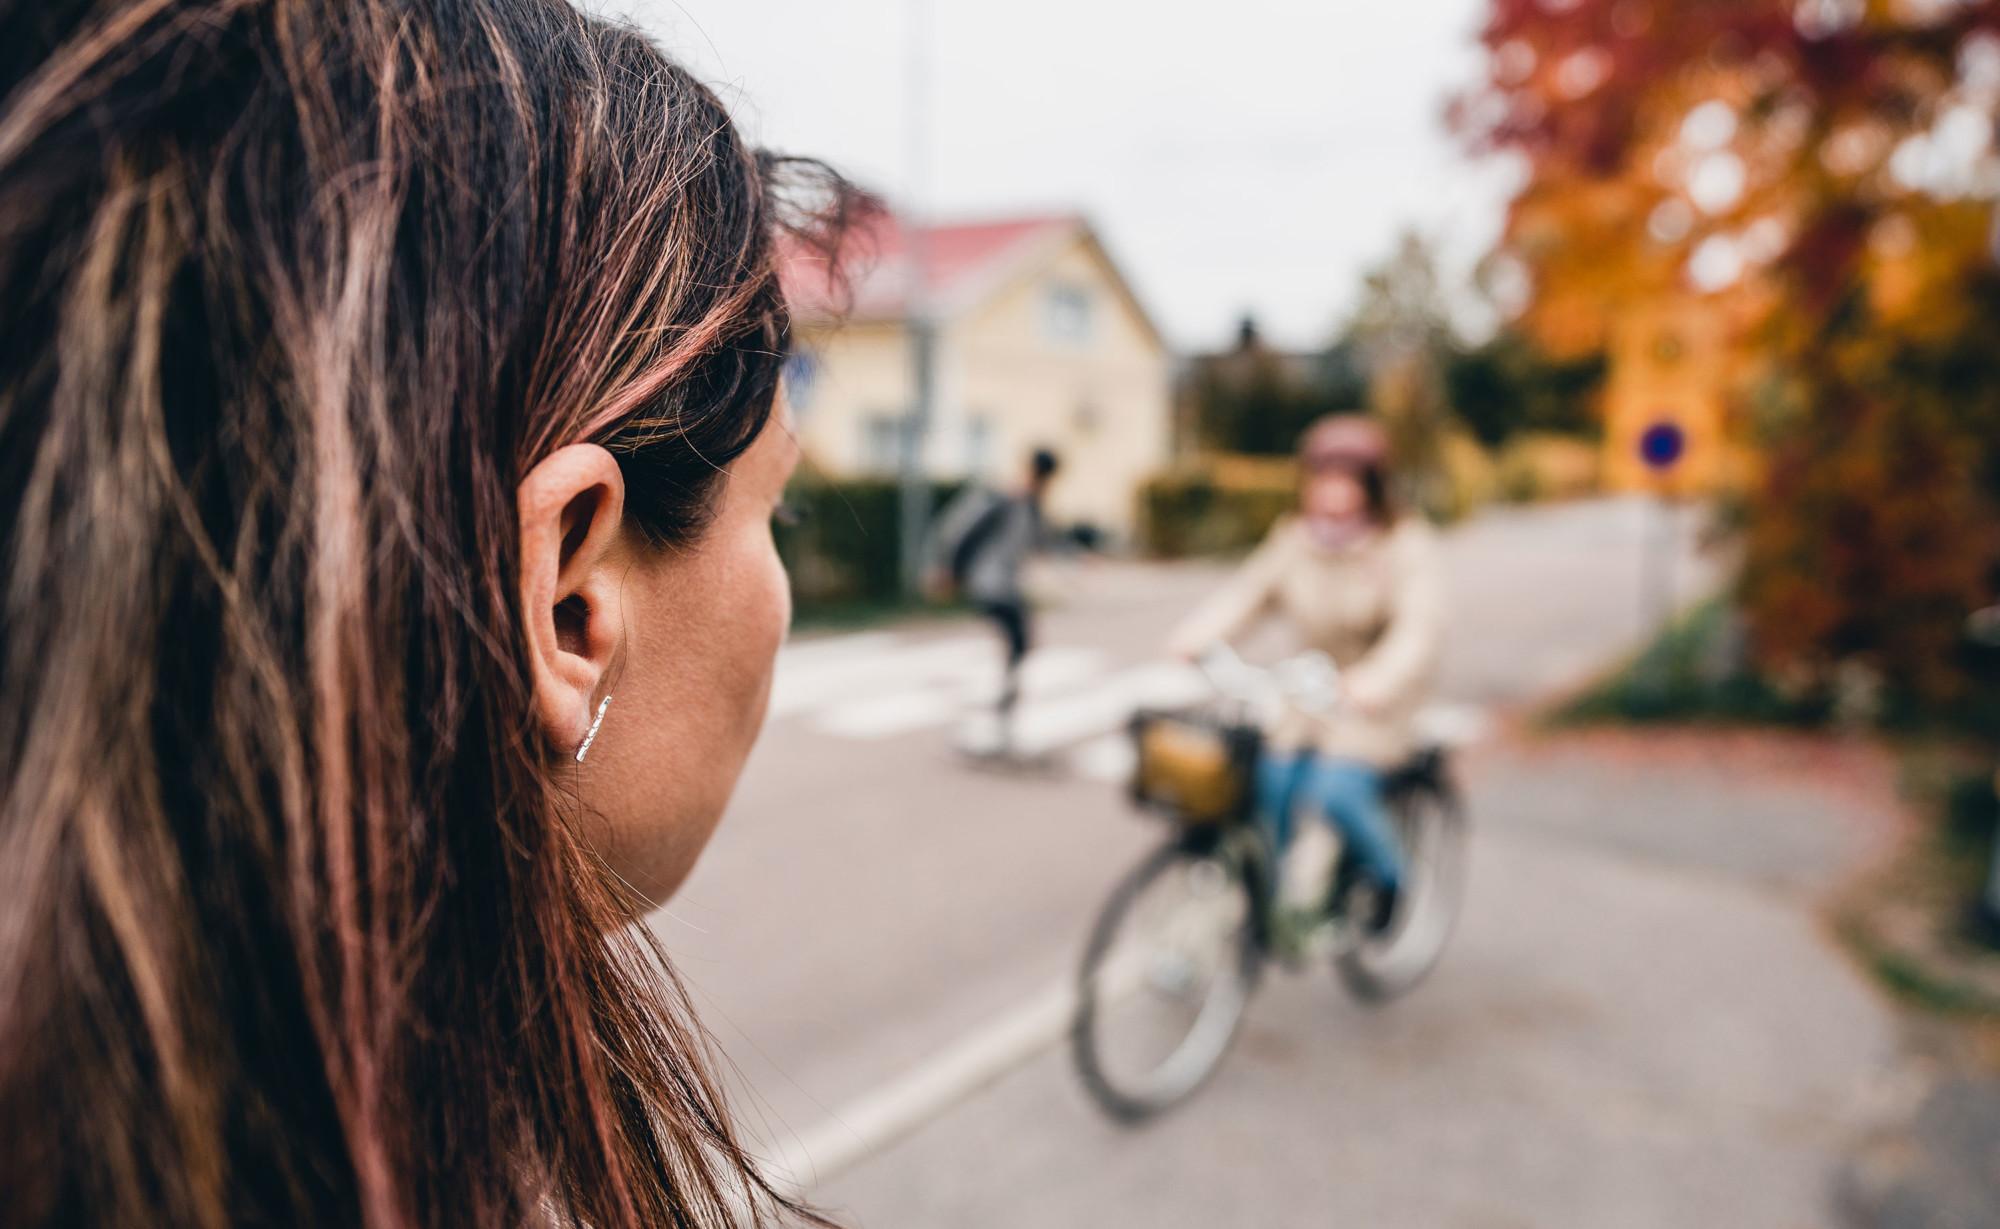 Ihmisiä pyöräilee, kävelee ja skeittaa kadulla.